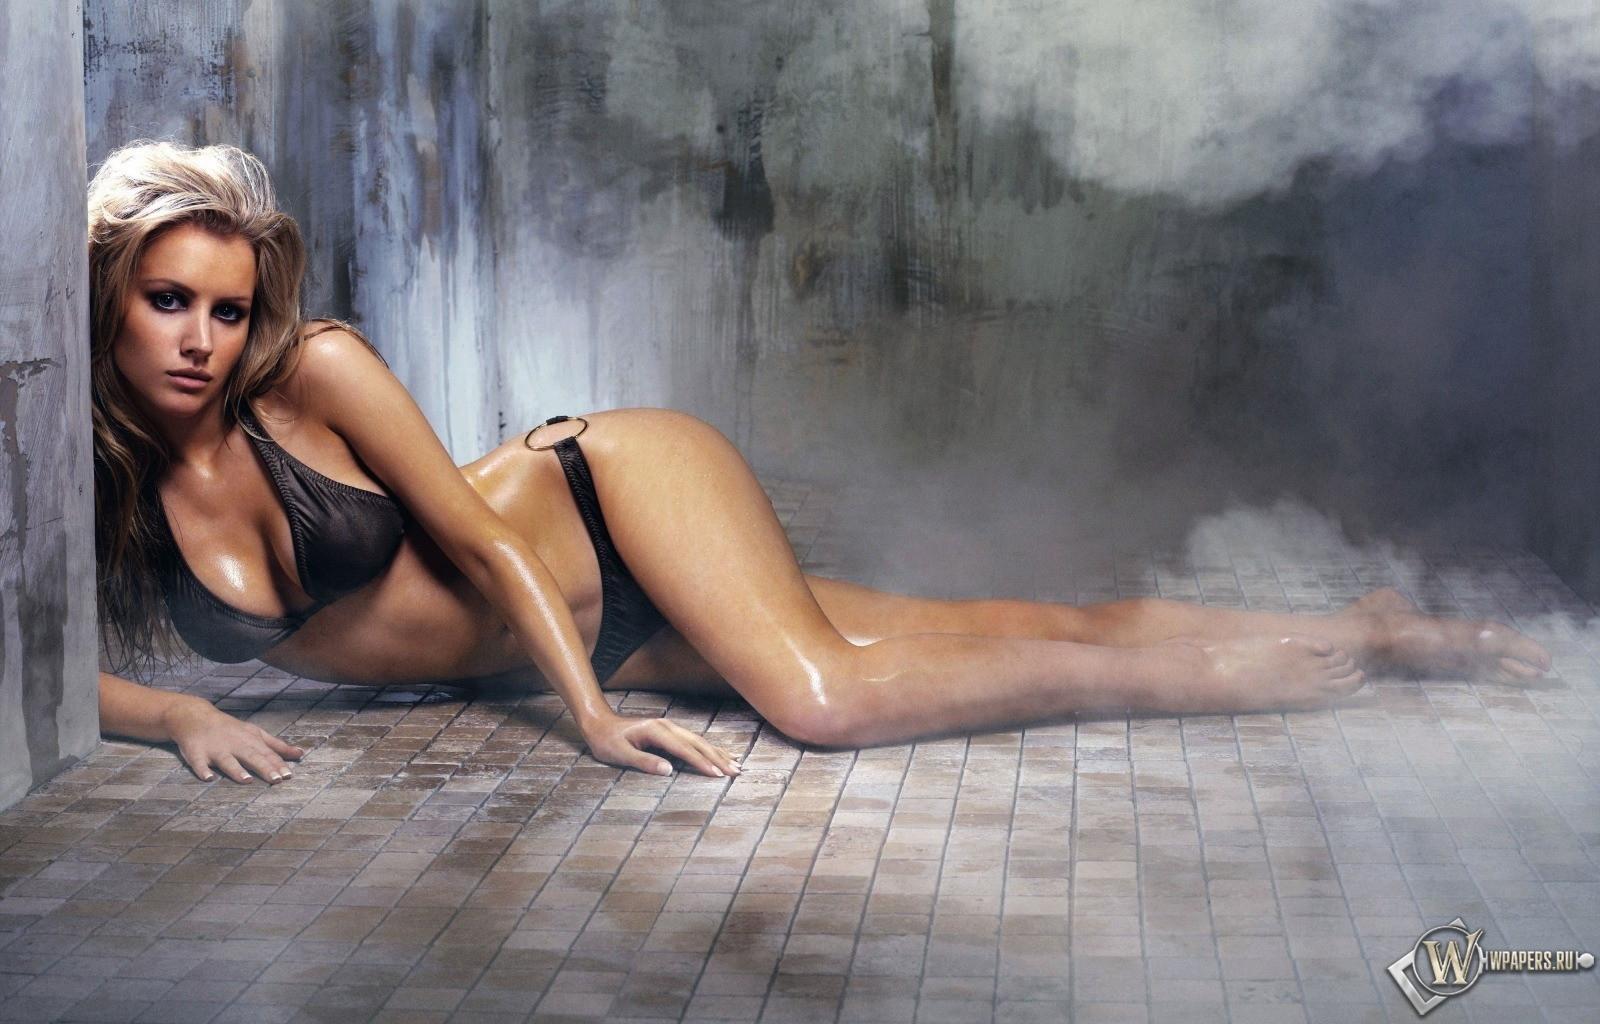 Яндекс женщины в бане 14 фотография